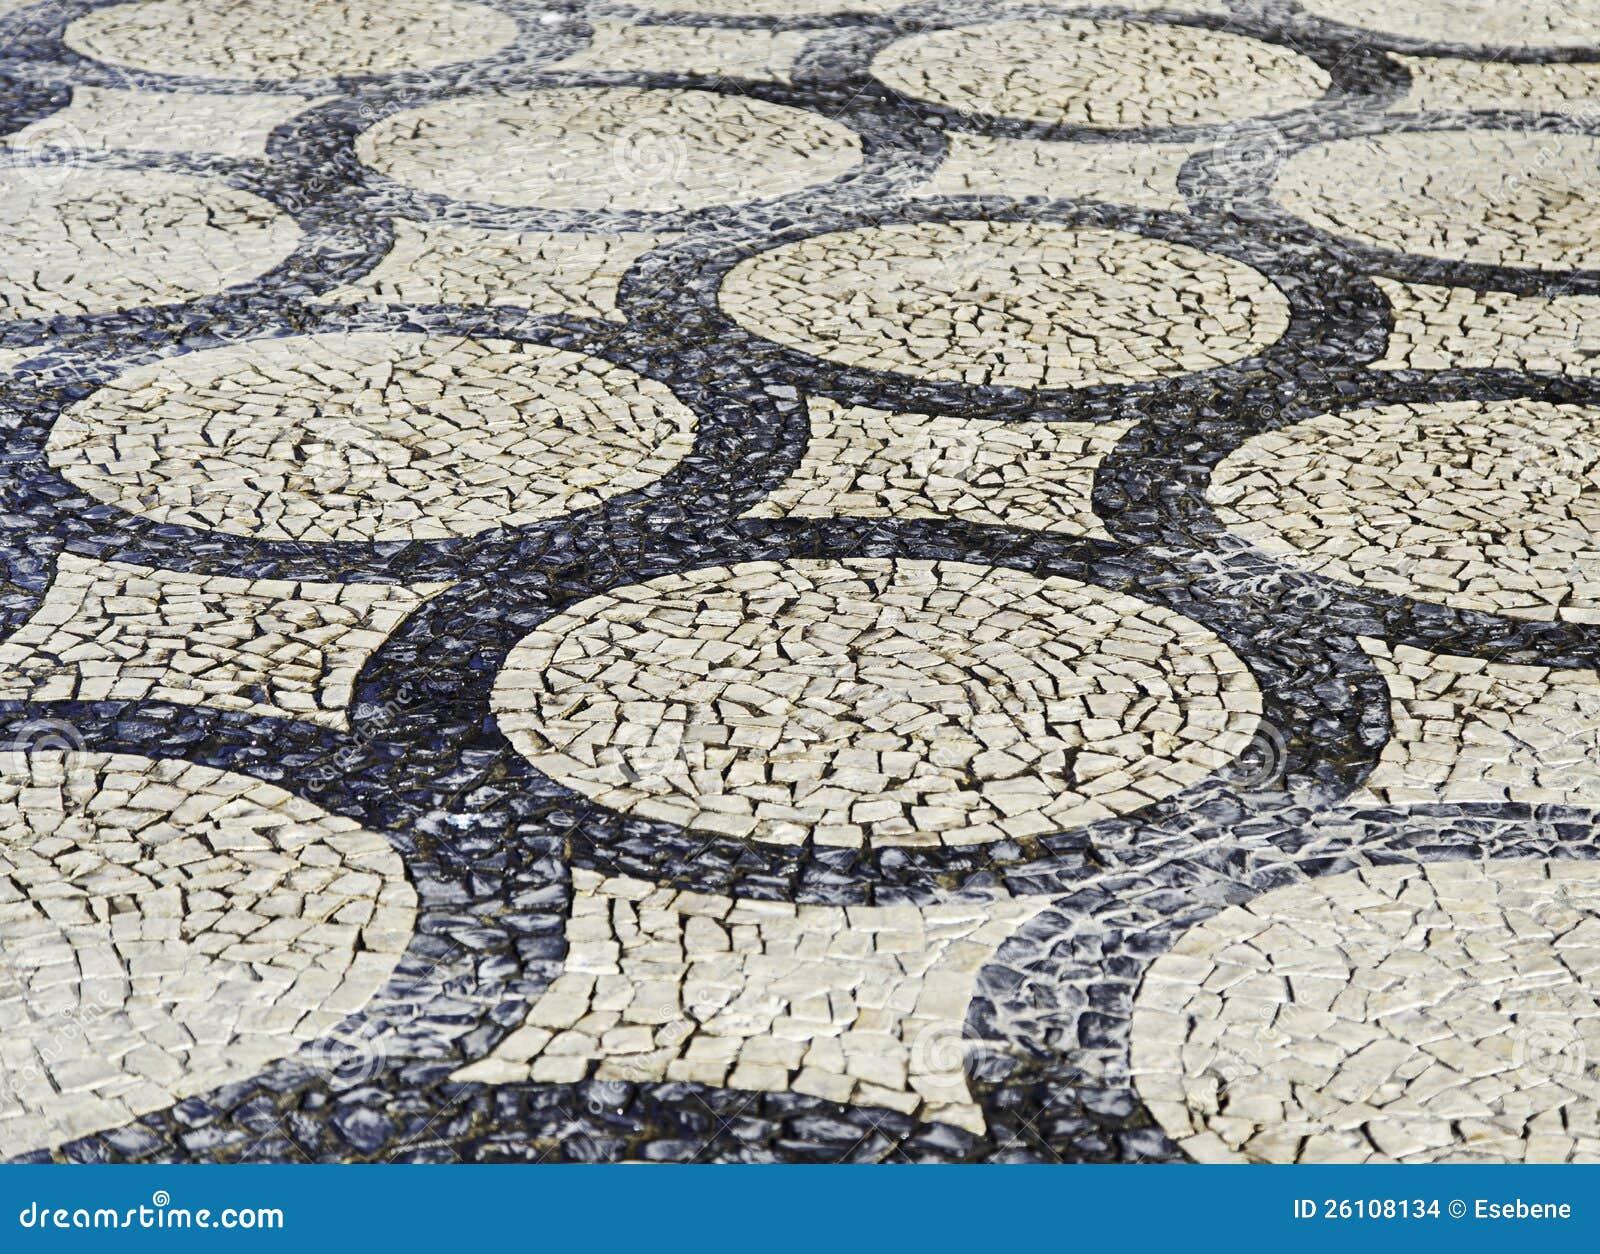 Azulejos de suelo imagenes de archivo imagen 26108134 - Azulejos suelo ...